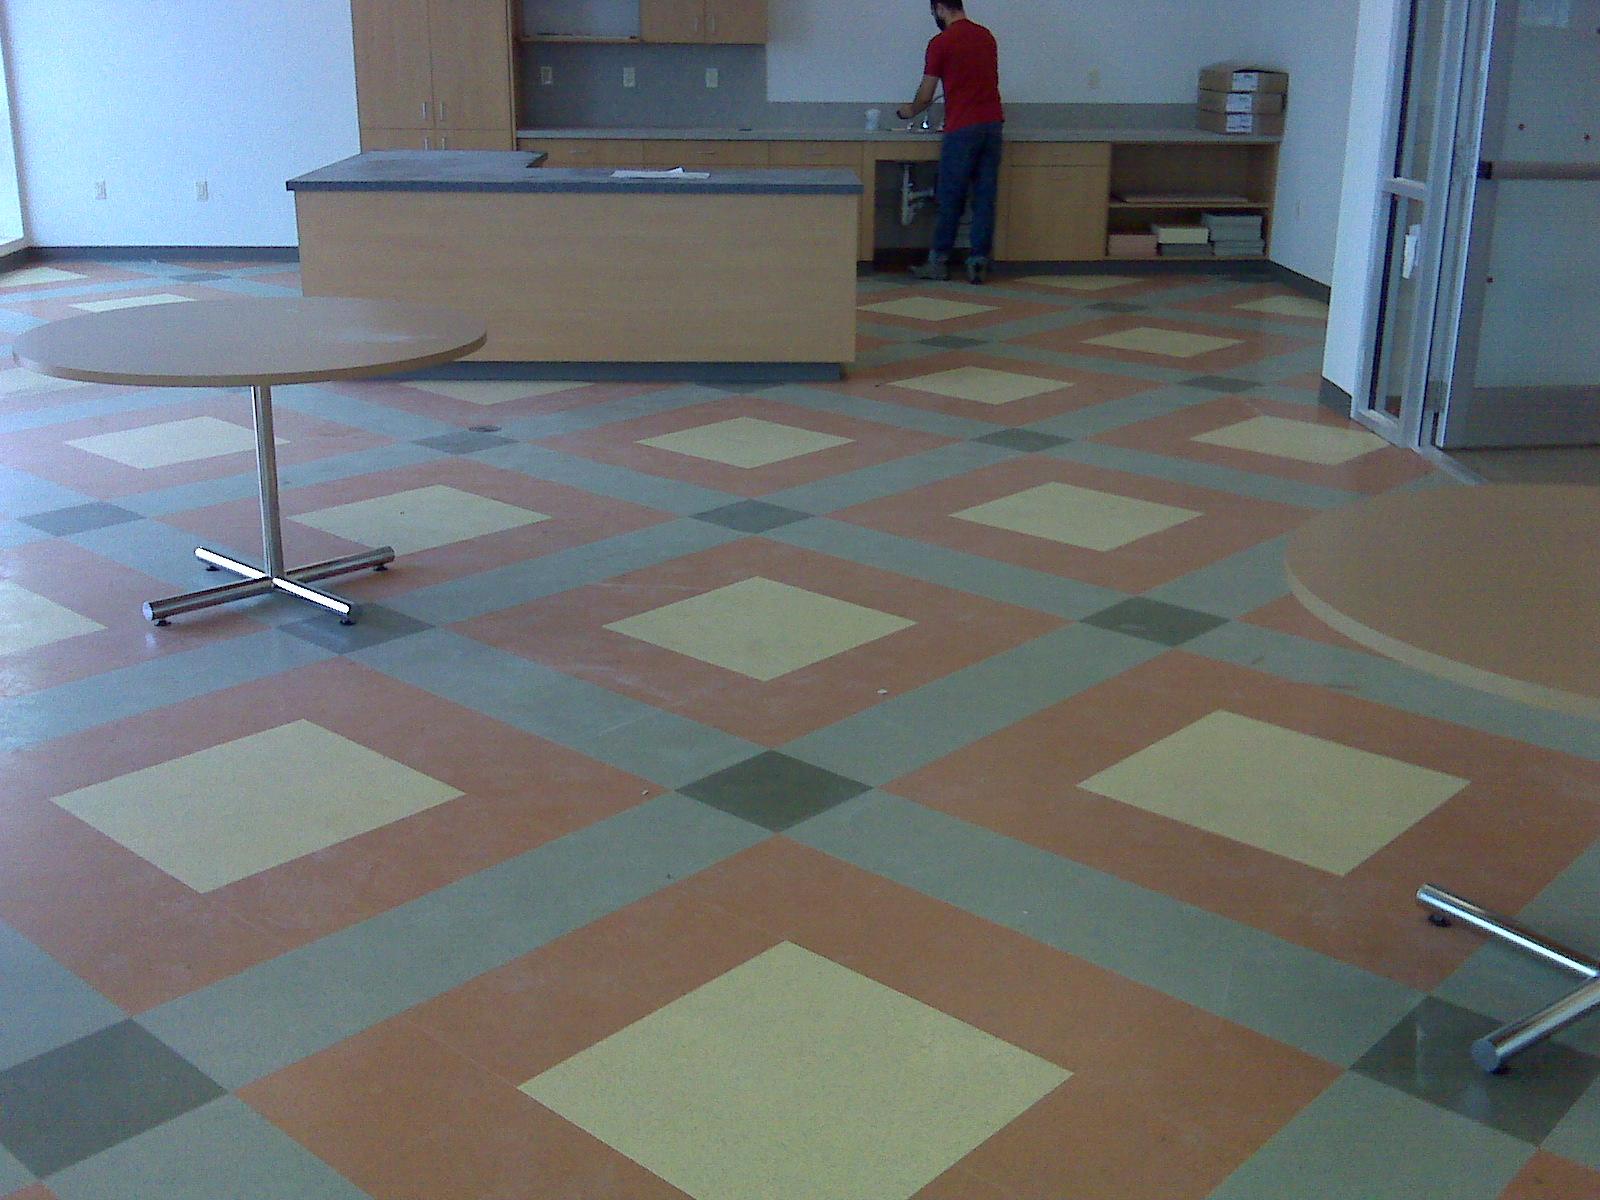 Resilient floor tiles